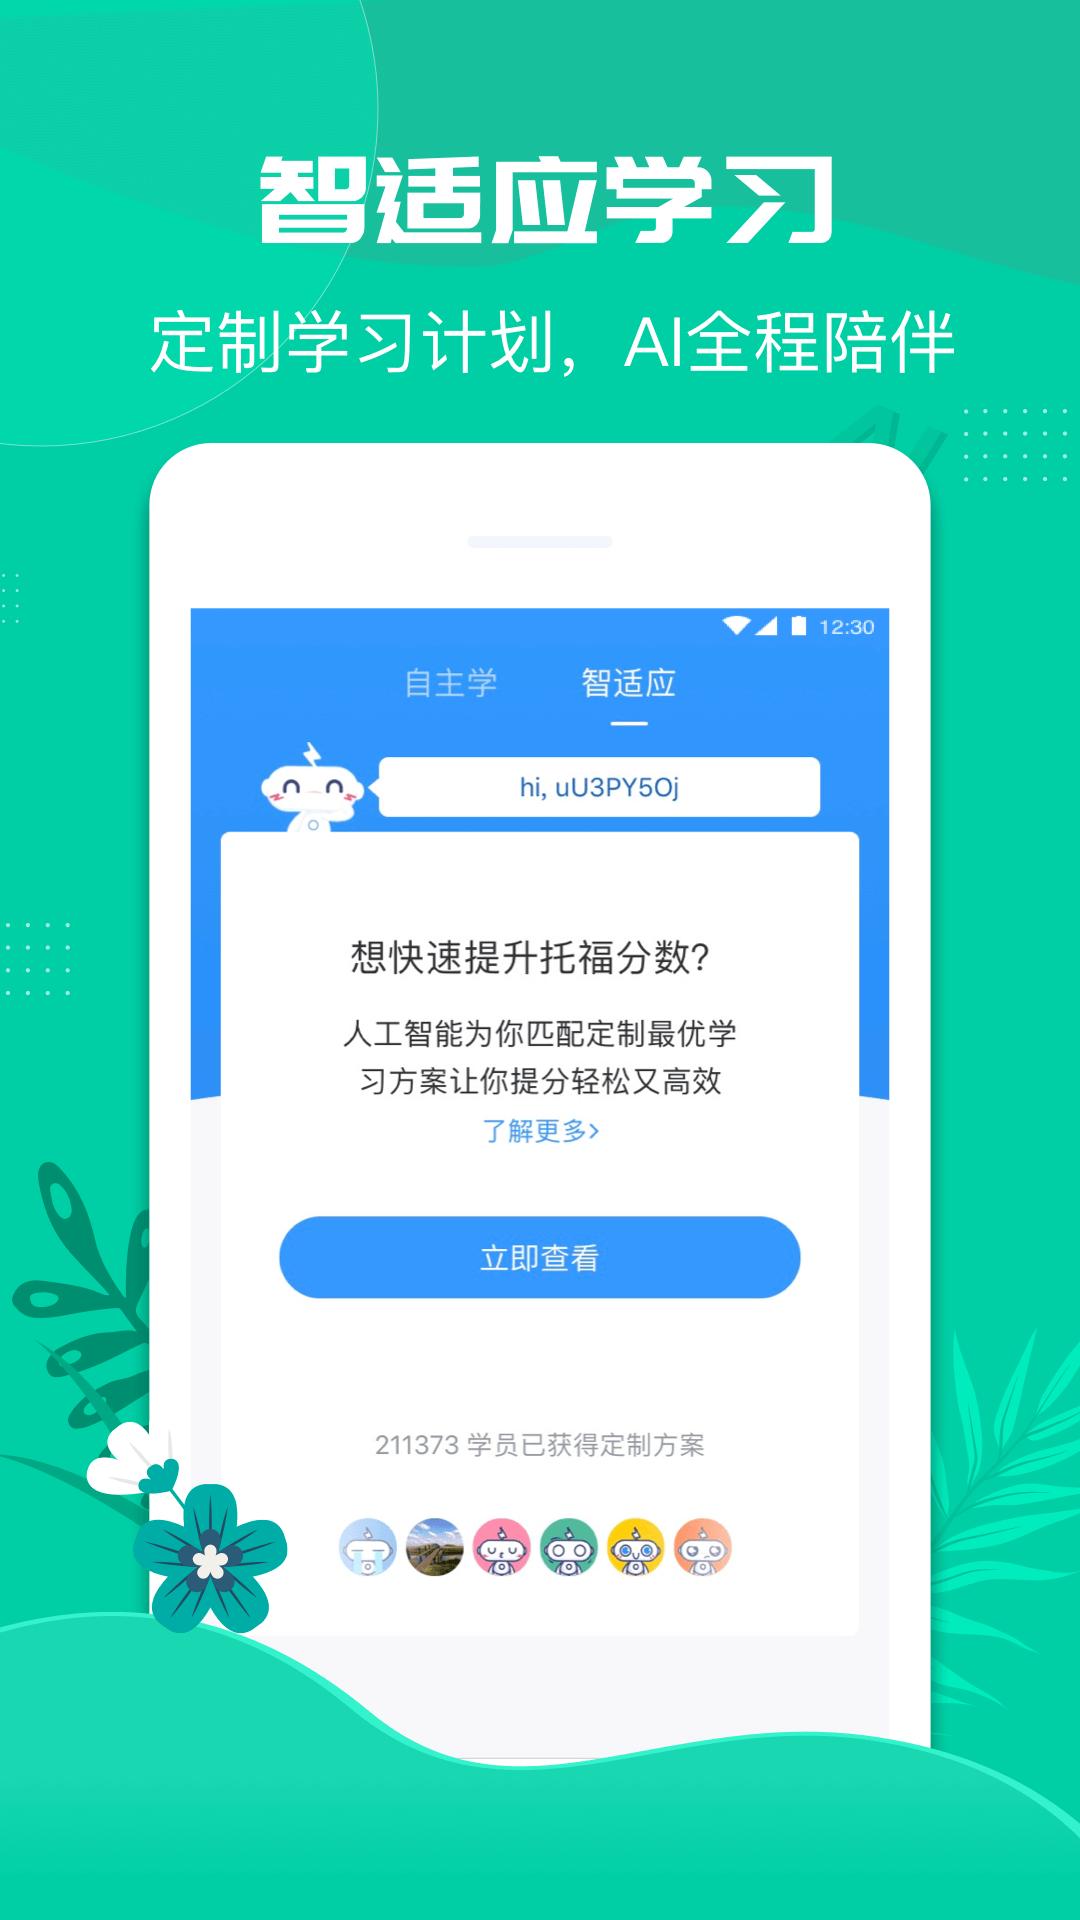 智课斩托福安卓版下载